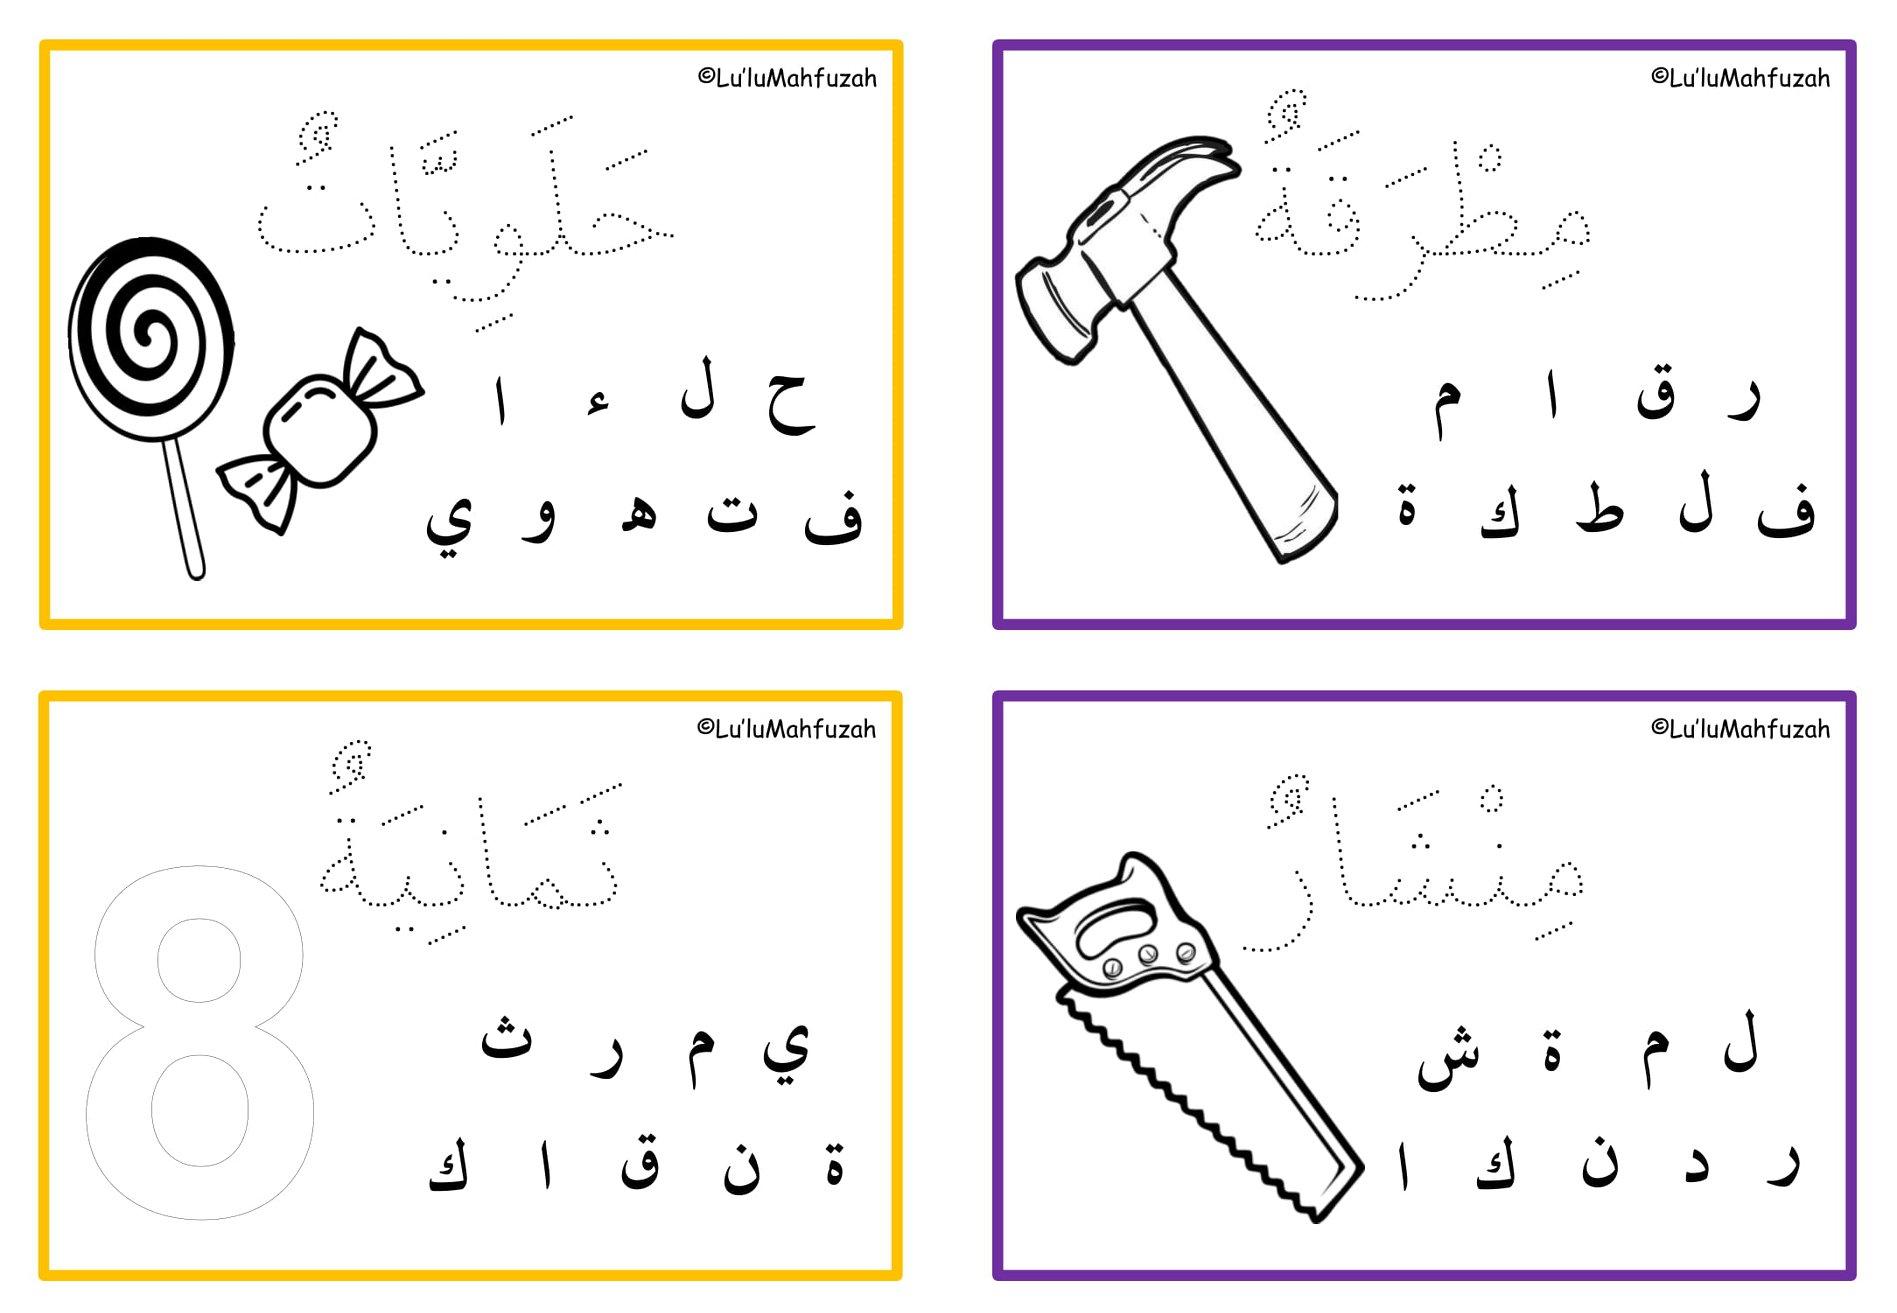 latihan-perkataan-bahasa-arab Latihan Perkataan Arab | Surih Warna Bulat Latihan Arab